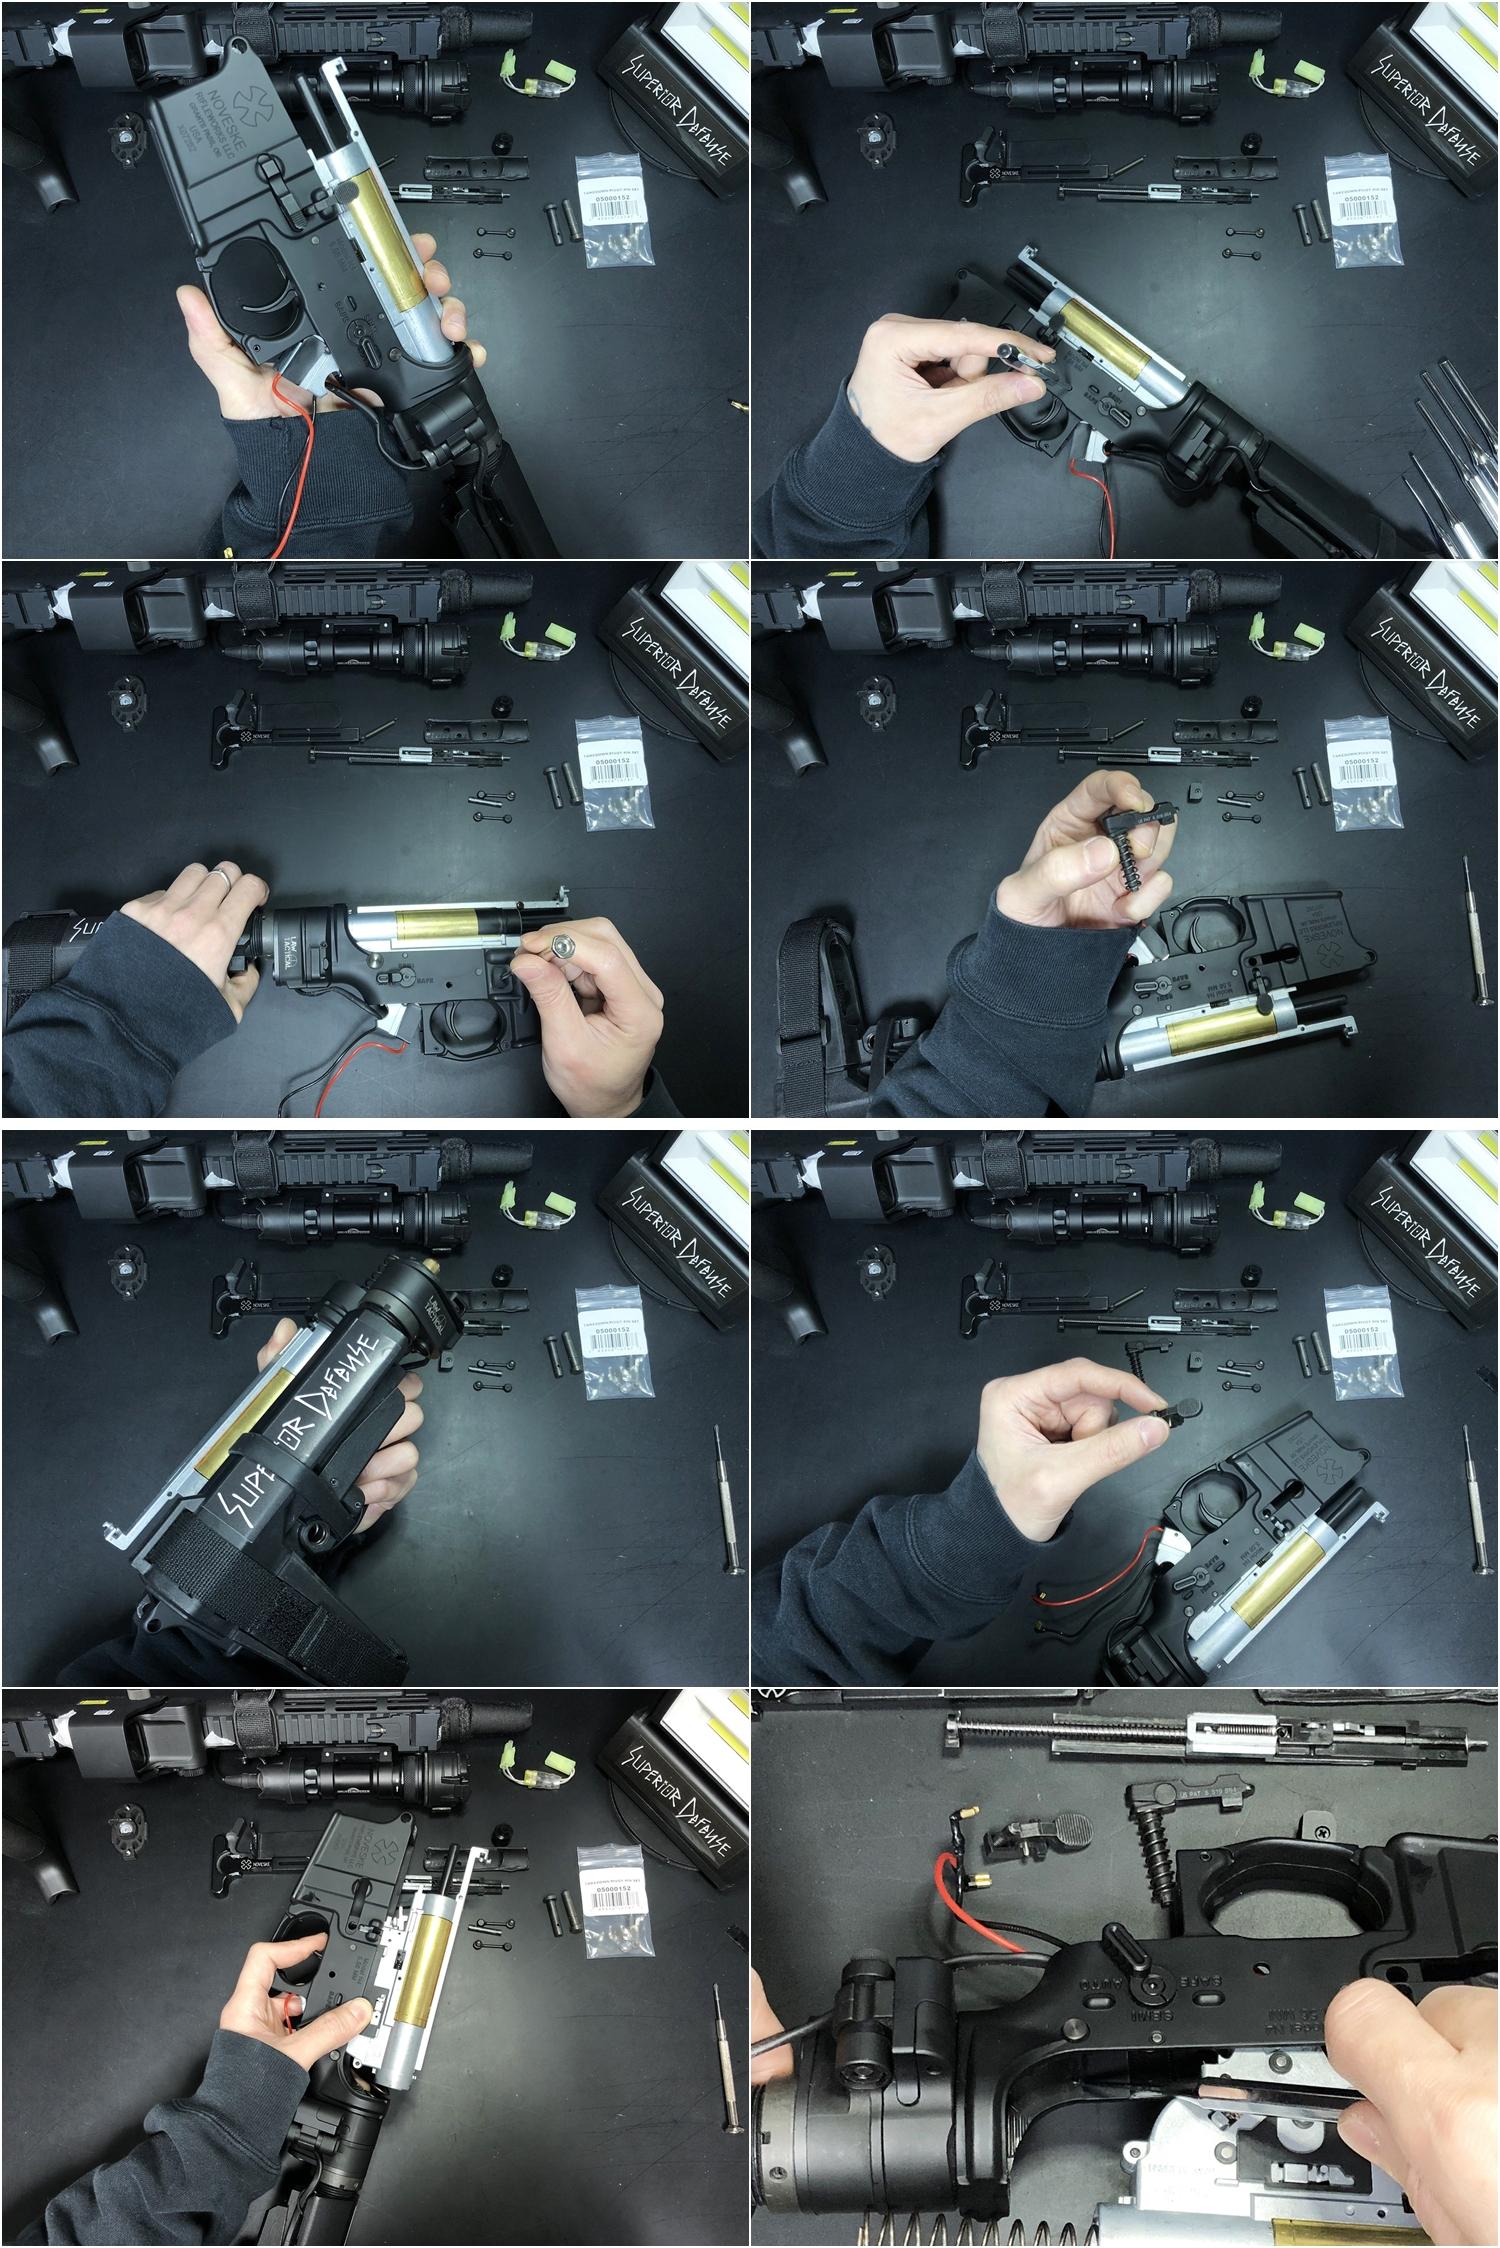 19 実物 NOVESKE AR-15 TAKEDOWN & PIVOT STEEL PIN!! 実物ピンを次世代M4へ対応させるべく簡易的DIY加工だ!ノベスケ ノベスキー スチール テイクダウン ピポッドピン! DIY 加工 カスタム 簡易的 旋盤加工 取付 レビ